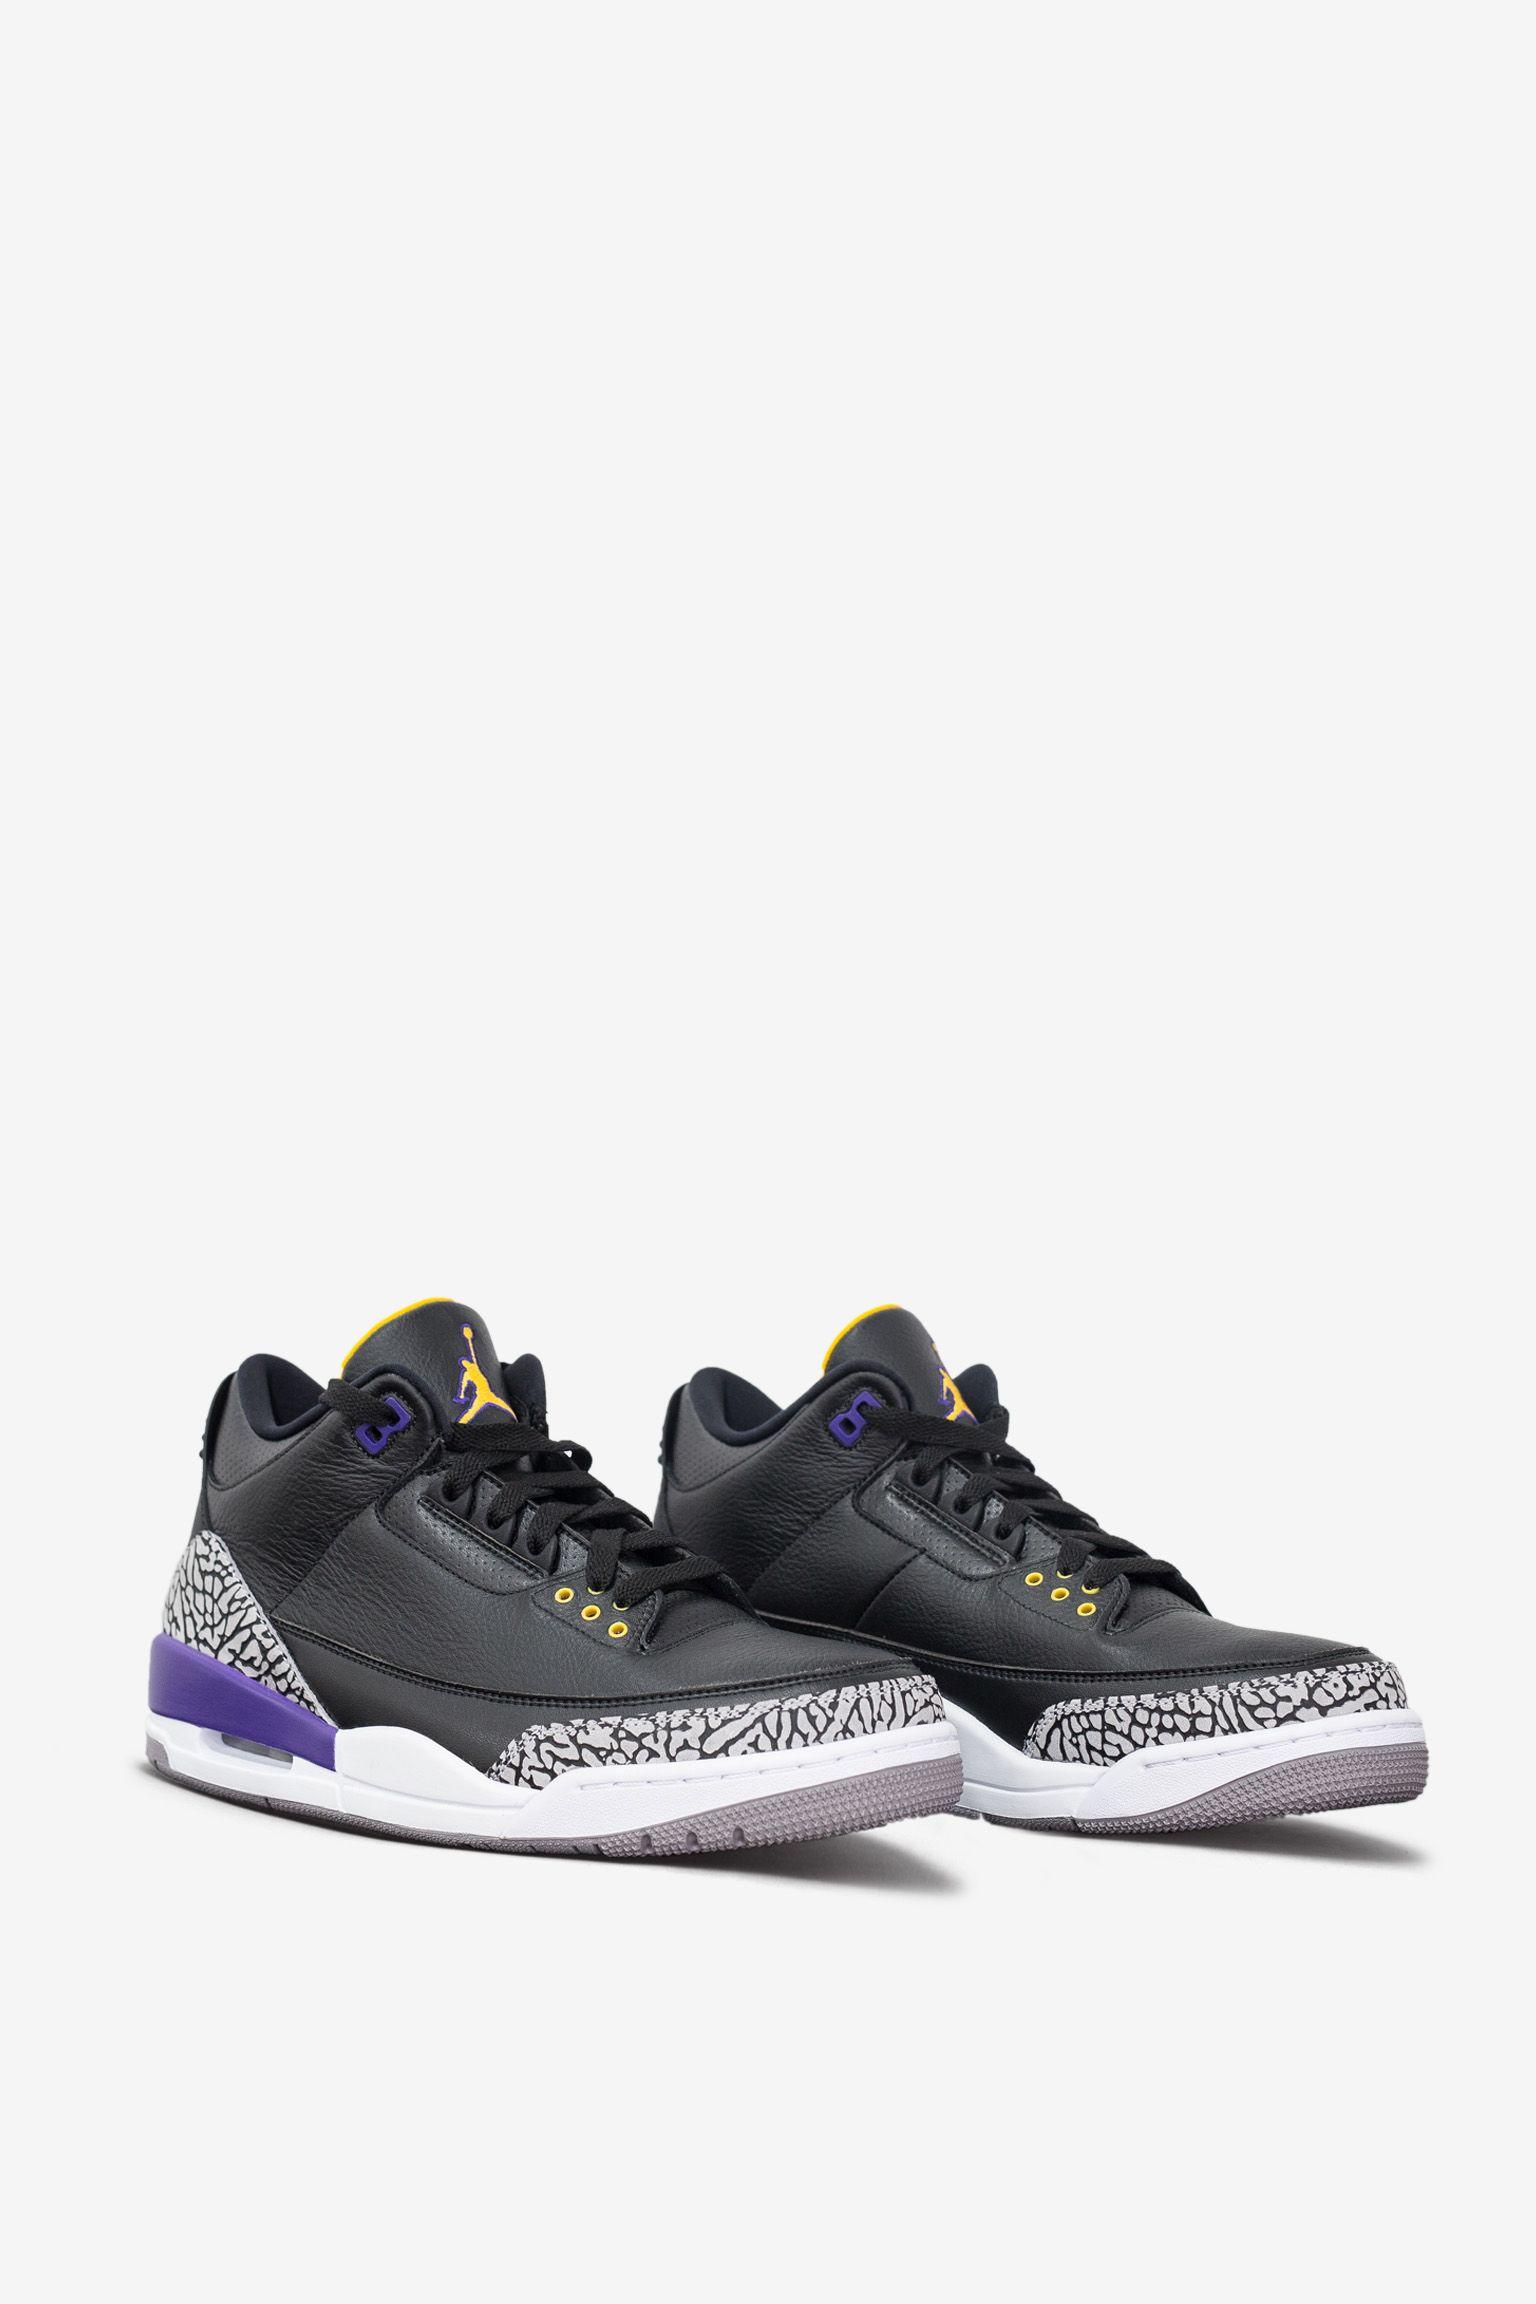 Homenatge a Kobe Bryant de la franquícia Air Jordan